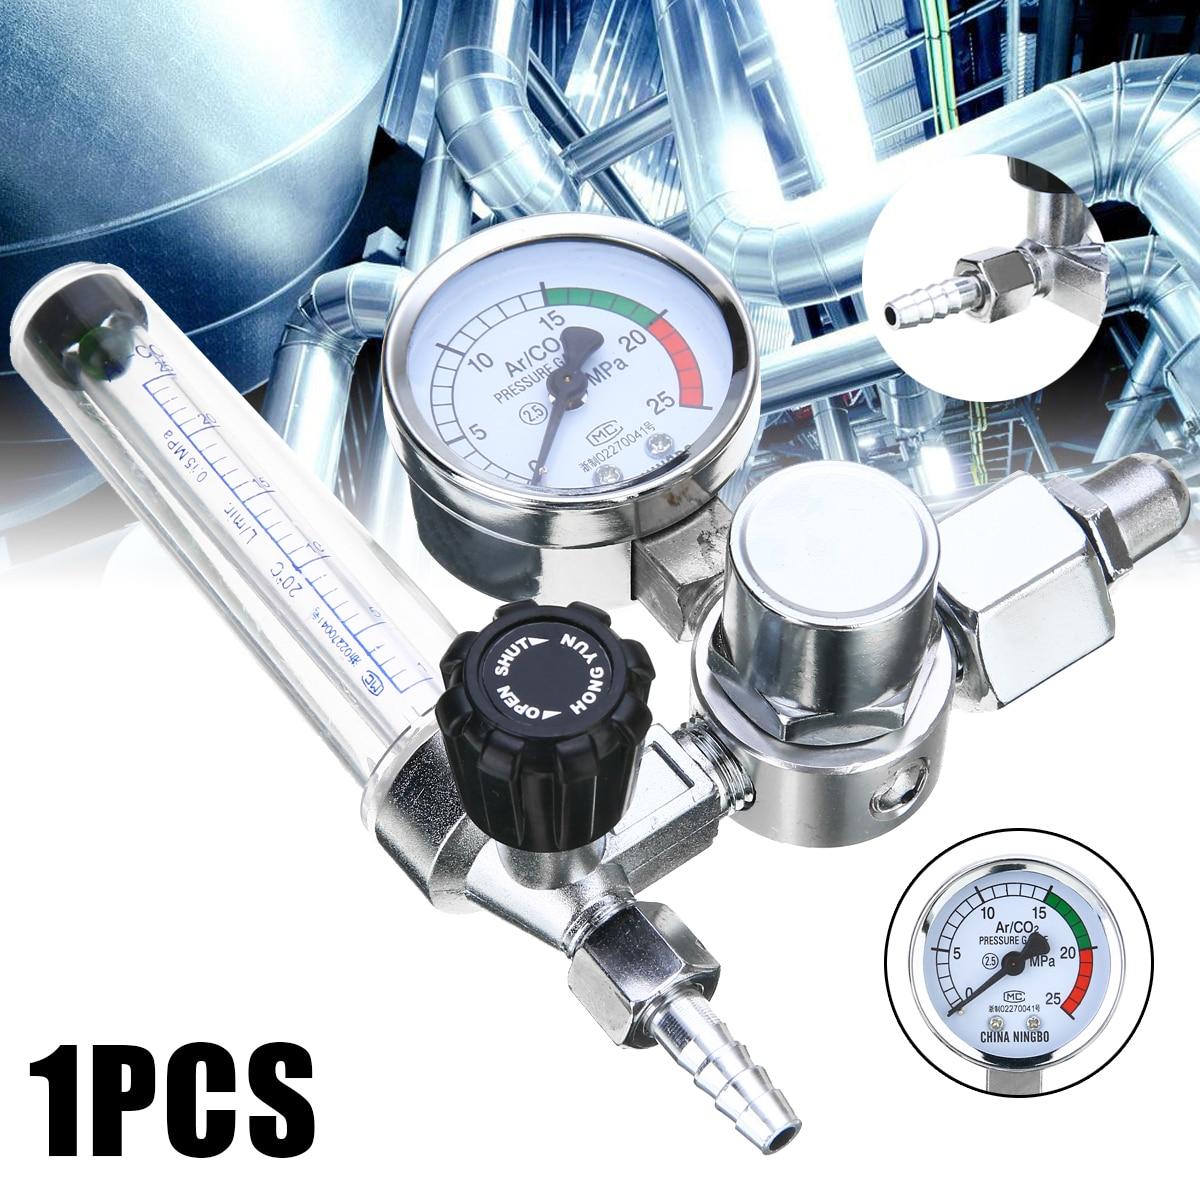 Argon CO2 Mig Tig Flow Meter Gas font b Regulator b font Flowmeter Welding Weld Gauge